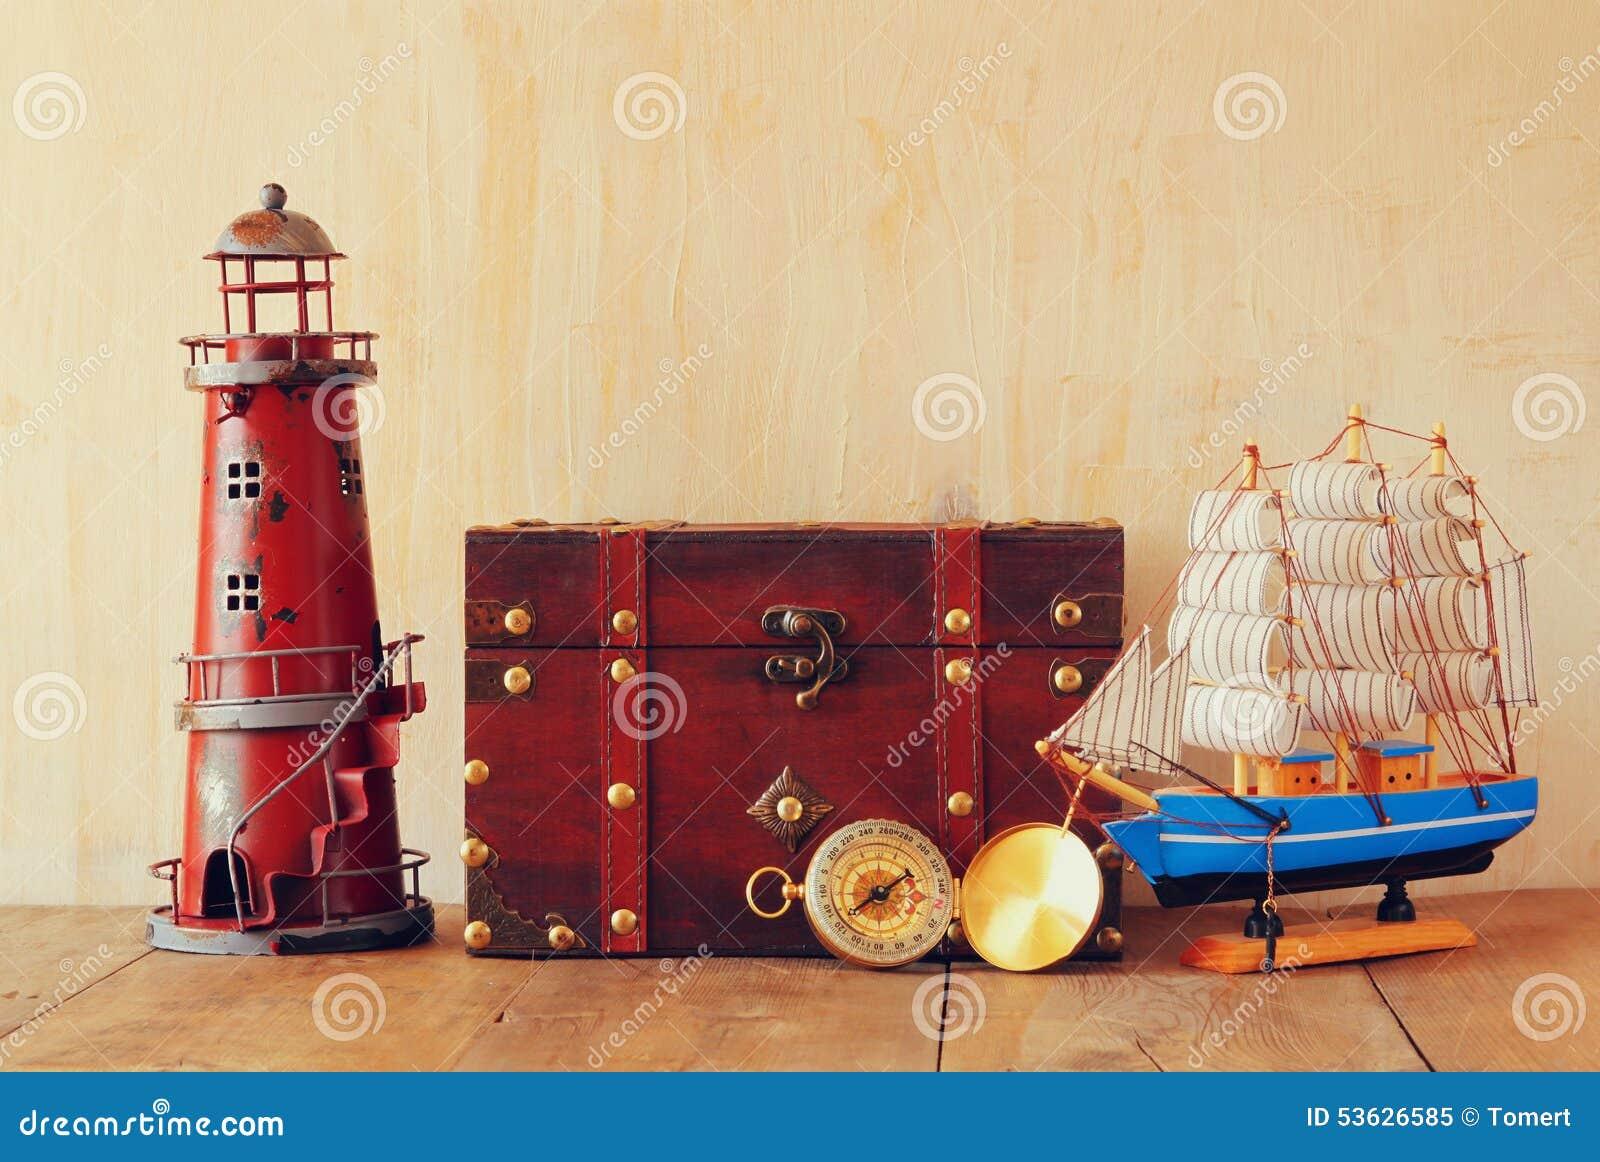 Compás antiguo, faro del vintage, barco de madera y pecho viejo en la tabla de madera